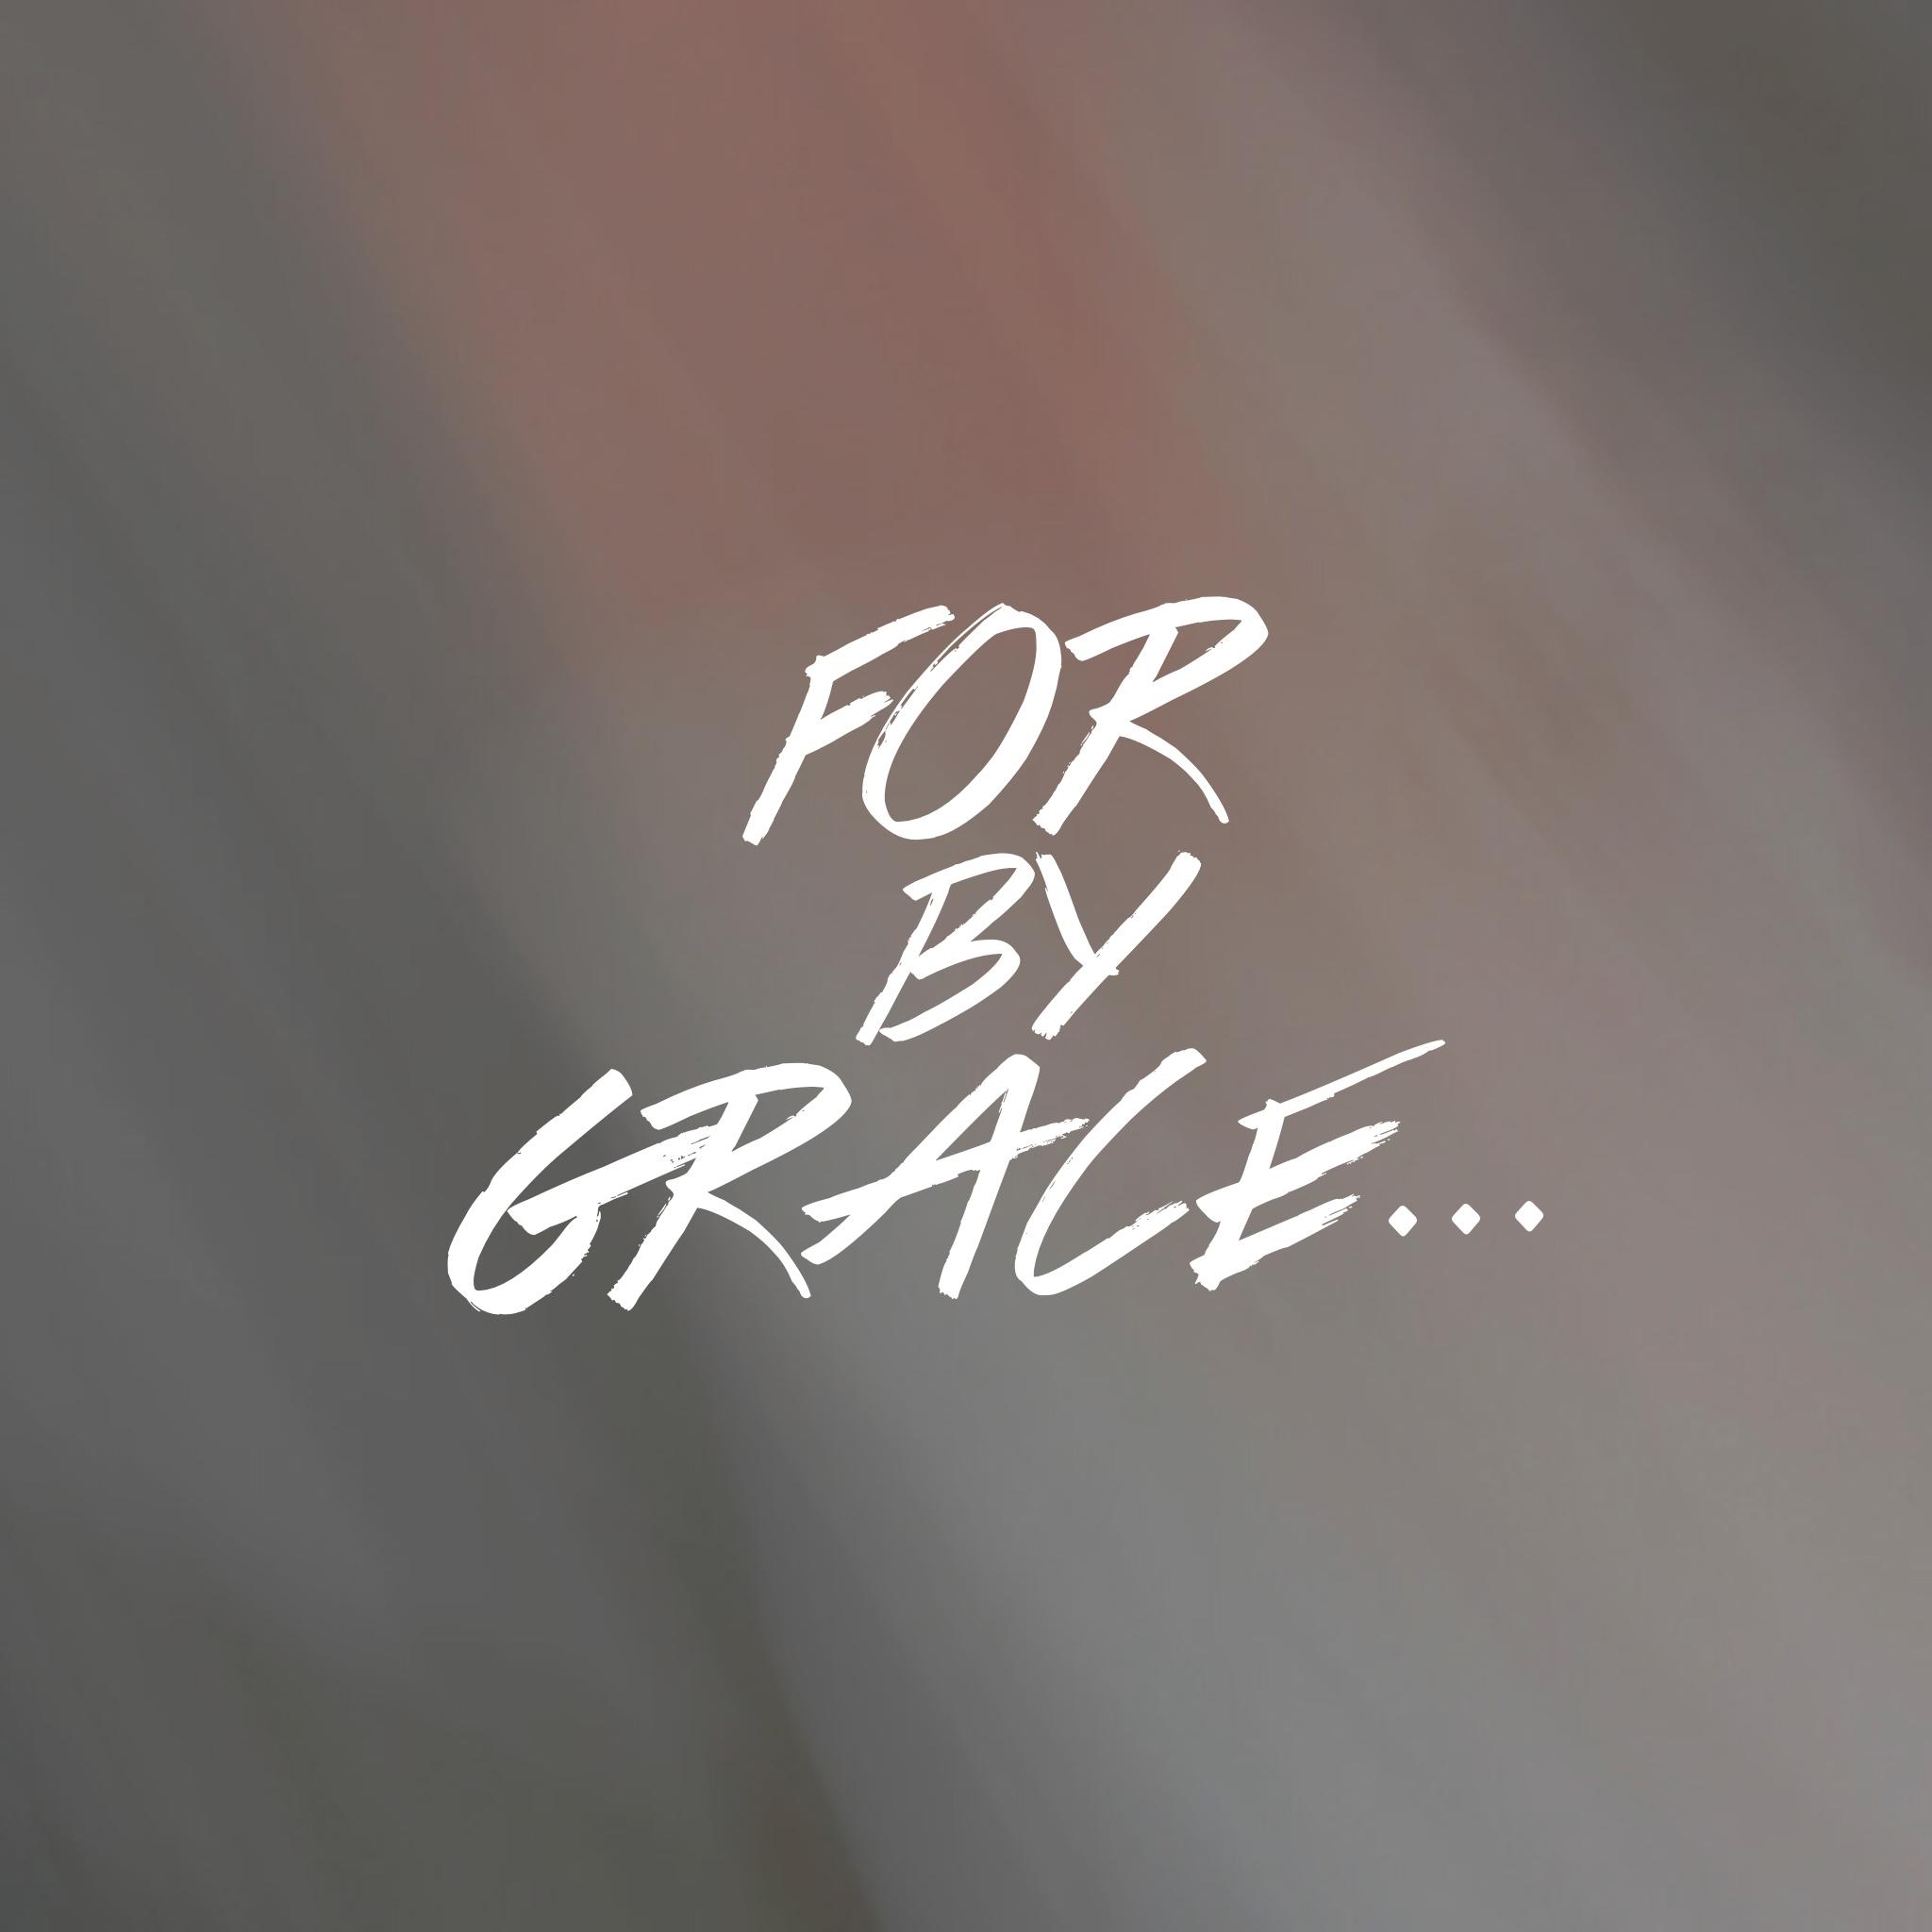 ForByGrace